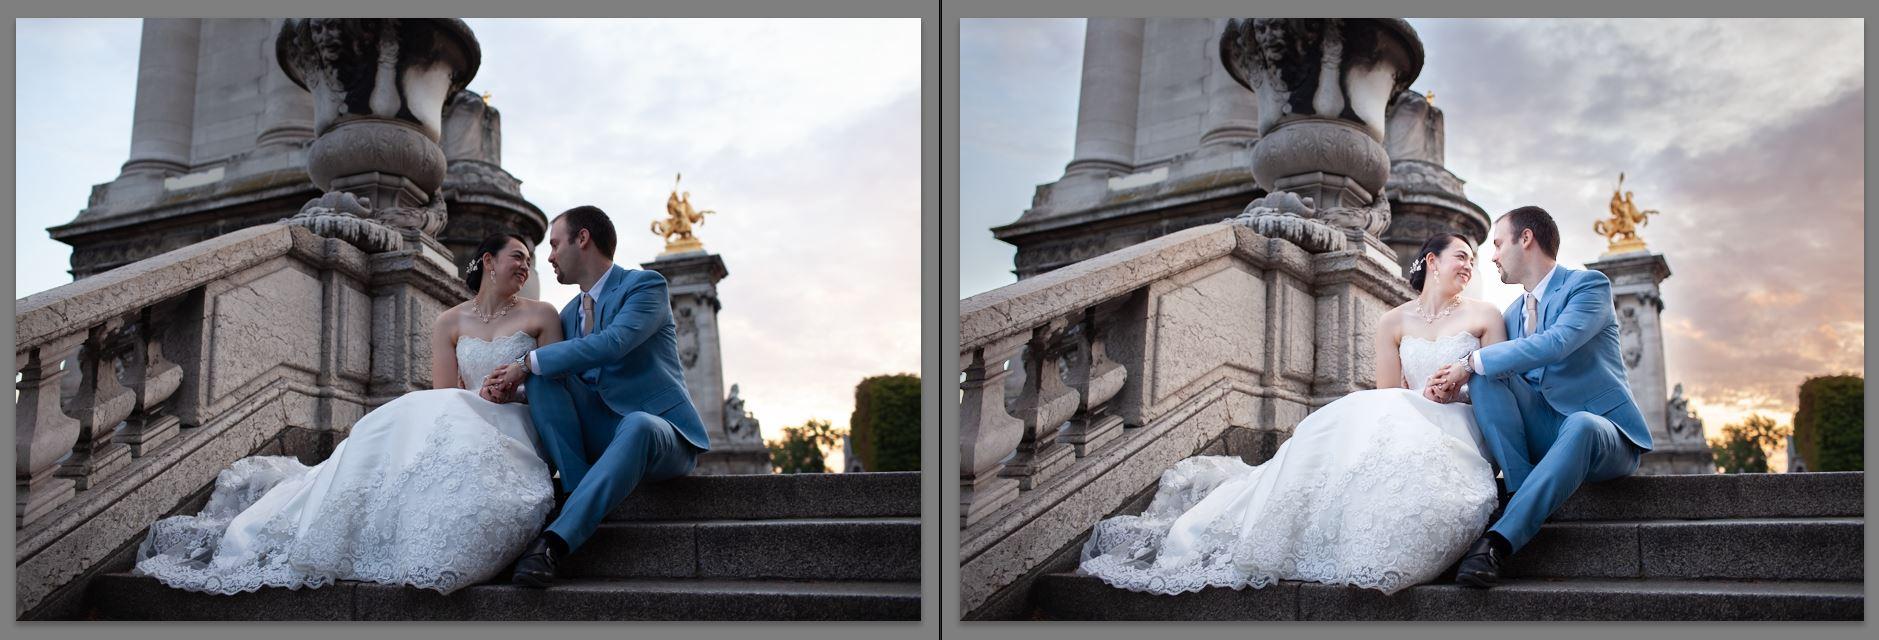 cours retouche photo Paris Lightroom editing Photoshop